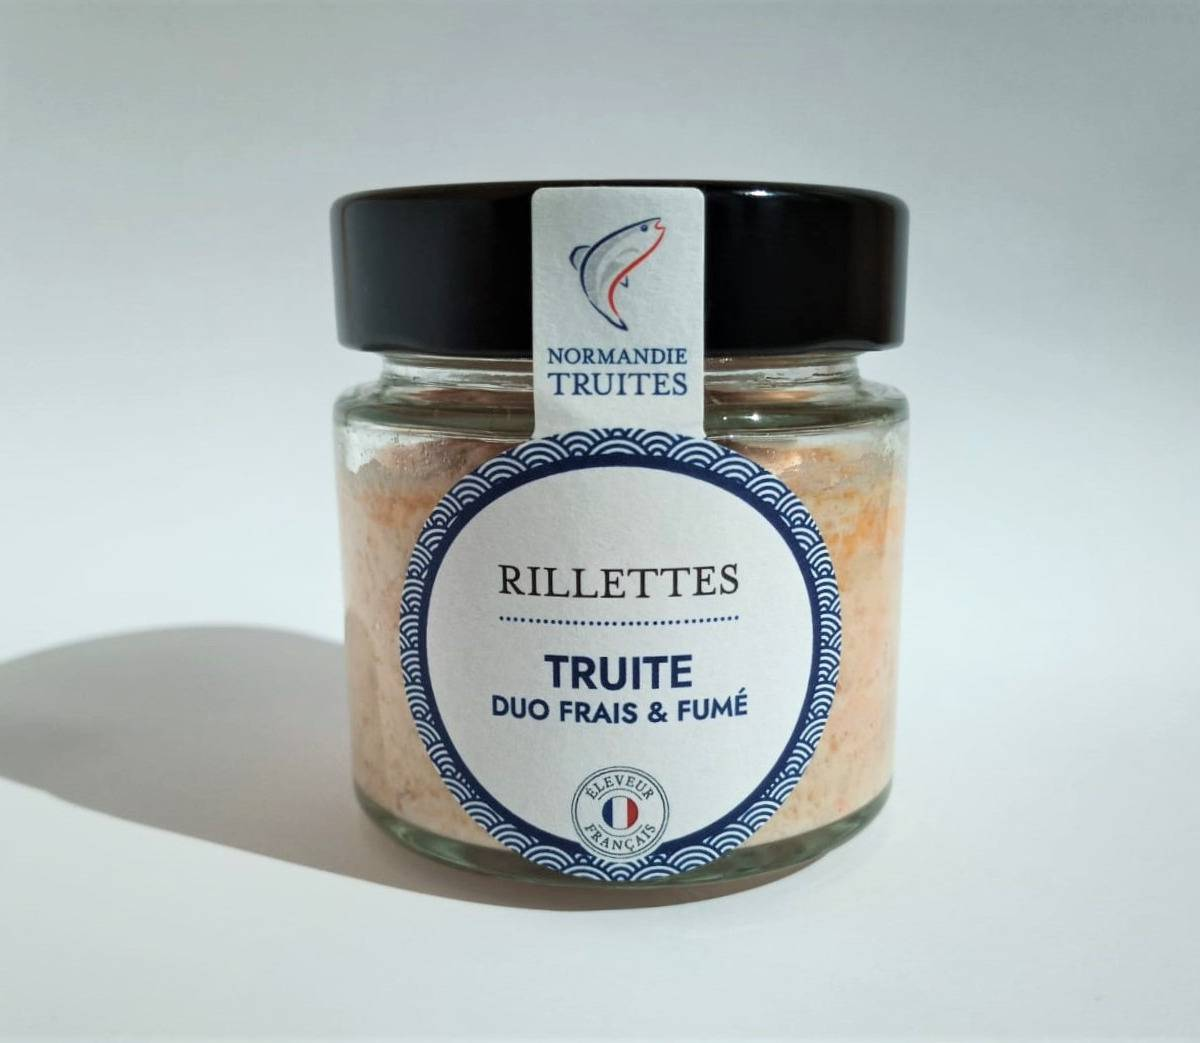 Saumon de France Rillettes de truite duo frais et fumé